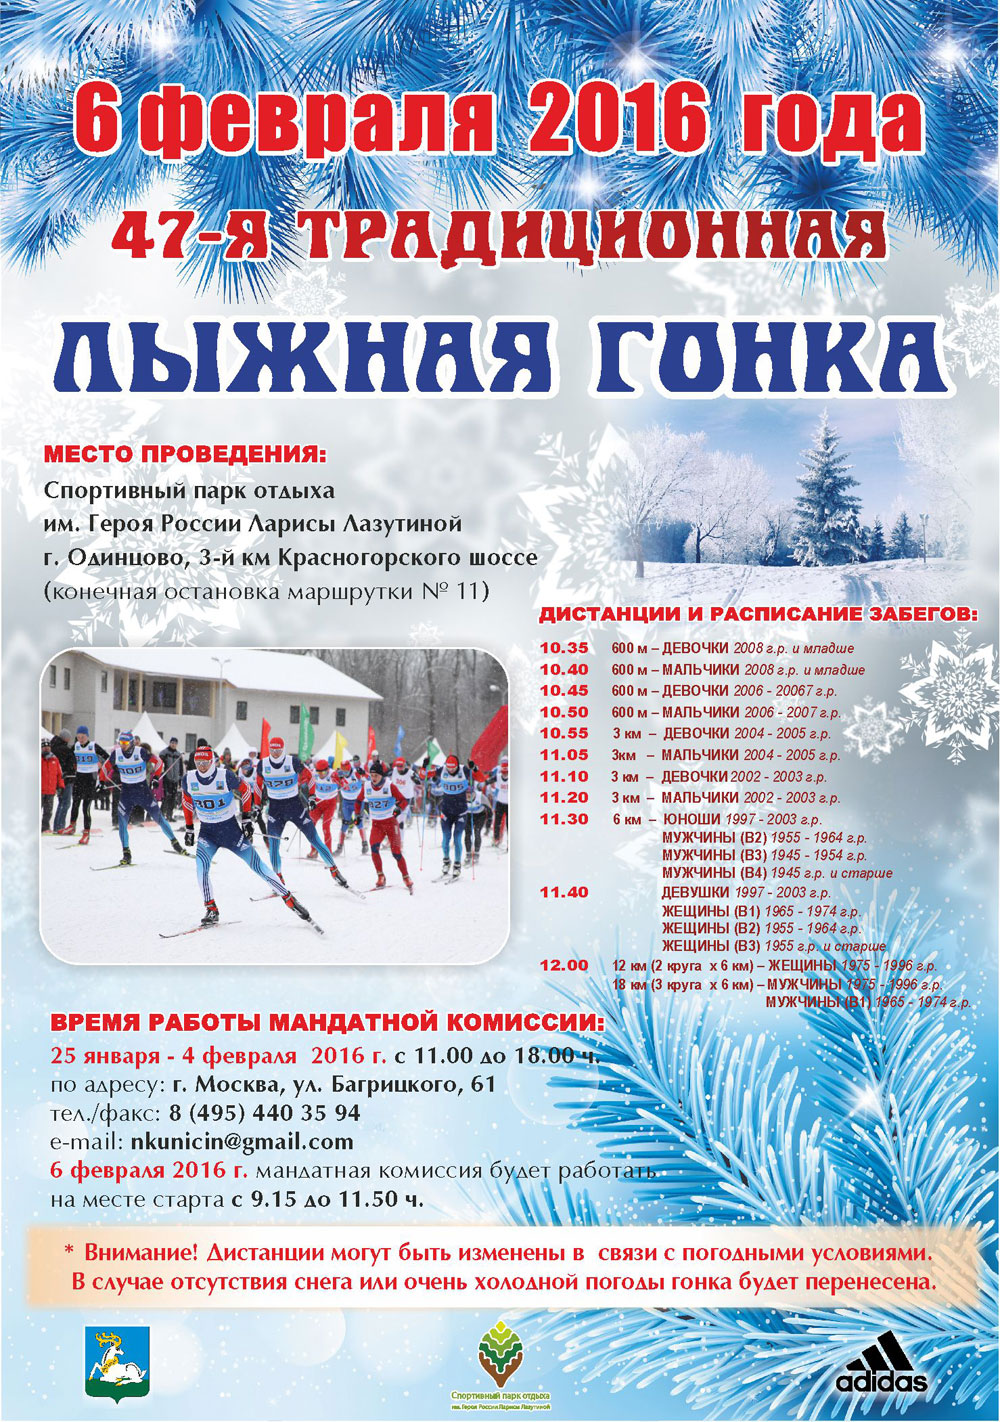 Манжосовская лыжня 2016, Манжосовская лыжня, Манжосовская лыжная гонка, Манжосовская лыжная гонка 2016, Одинцово